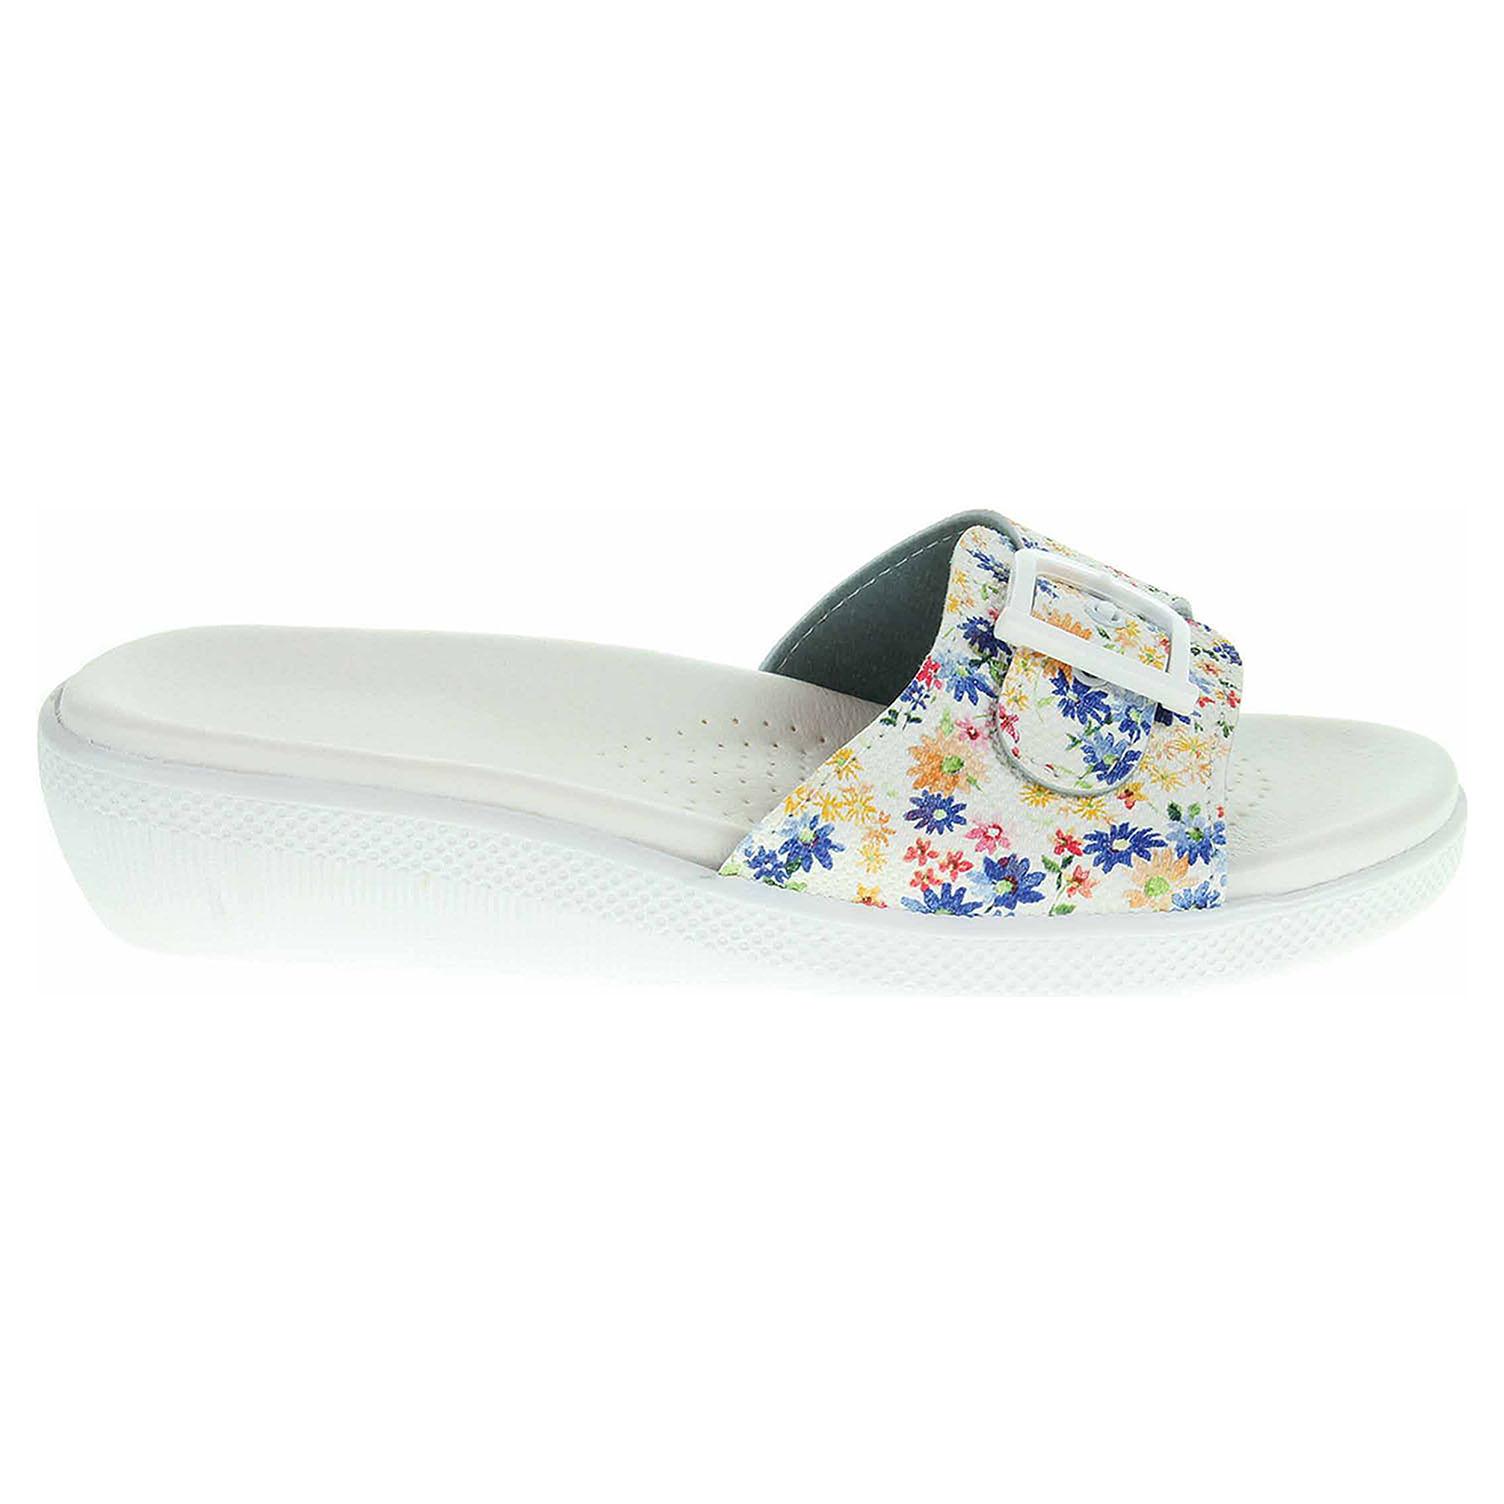 Ecco Dámské pantofle 5-20105 bílá-multicolor 23400336